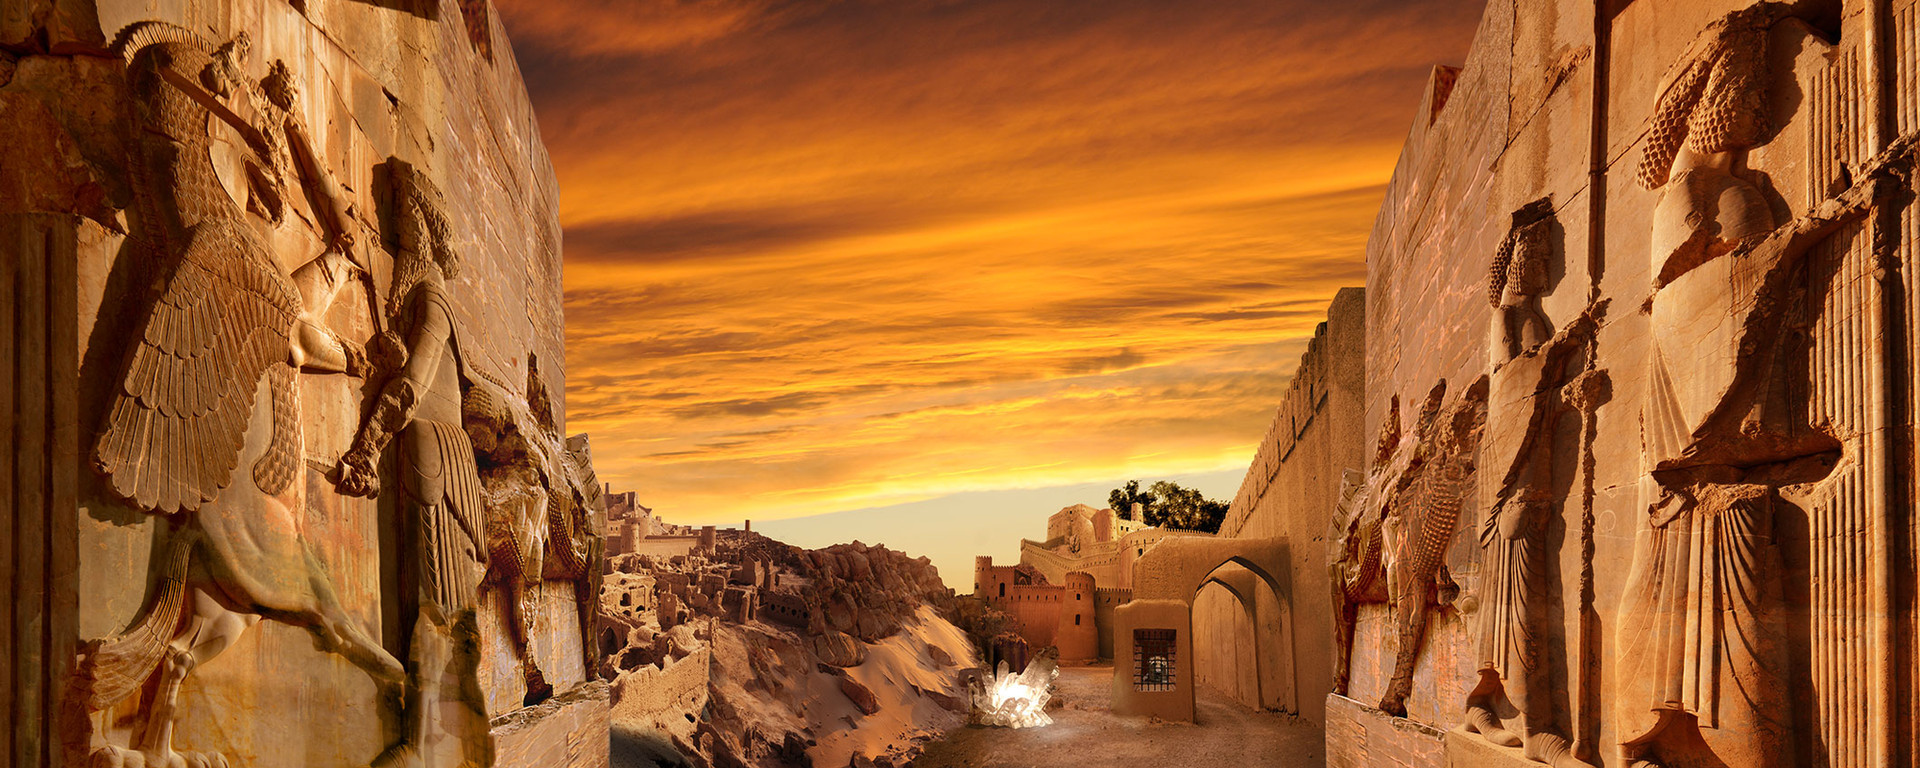 Persepolis-lion-cristaux-120x300.jpg